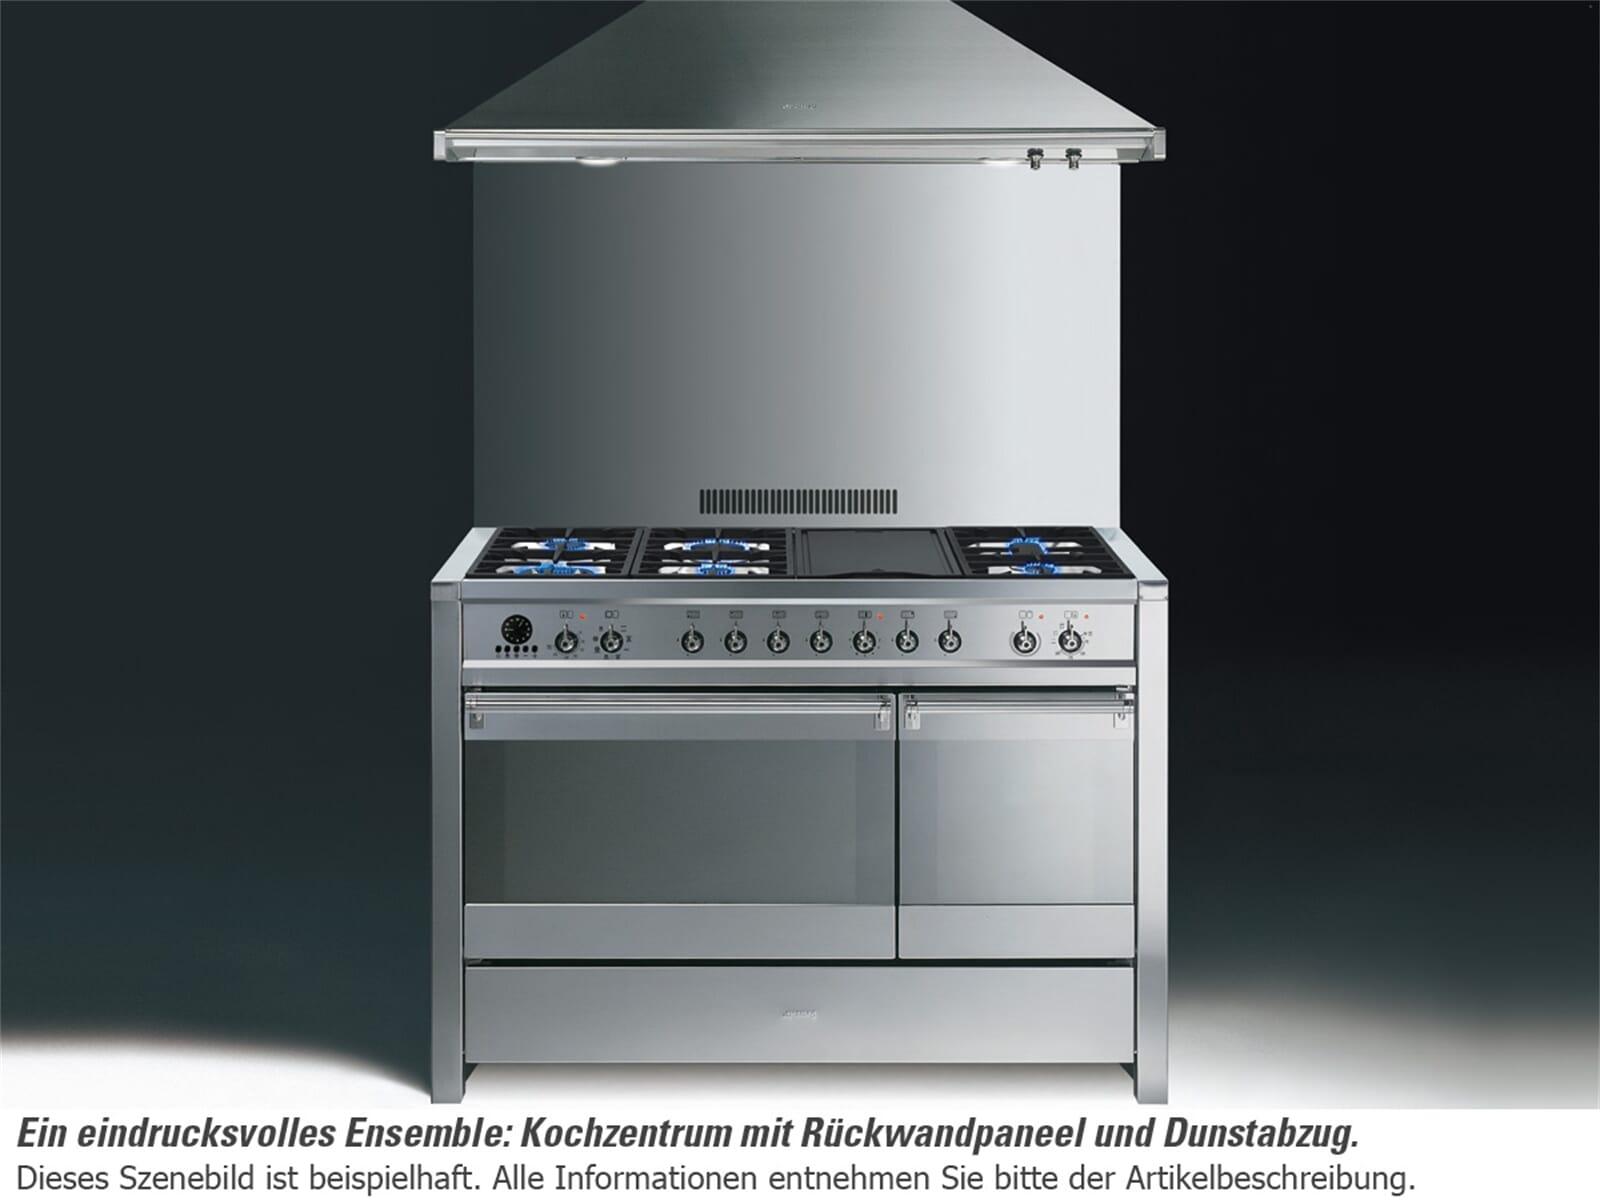 smeg a3d 7 gaskochfeld kombi standherd edelstahl backofen. Black Bedroom Furniture Sets. Home Design Ideas